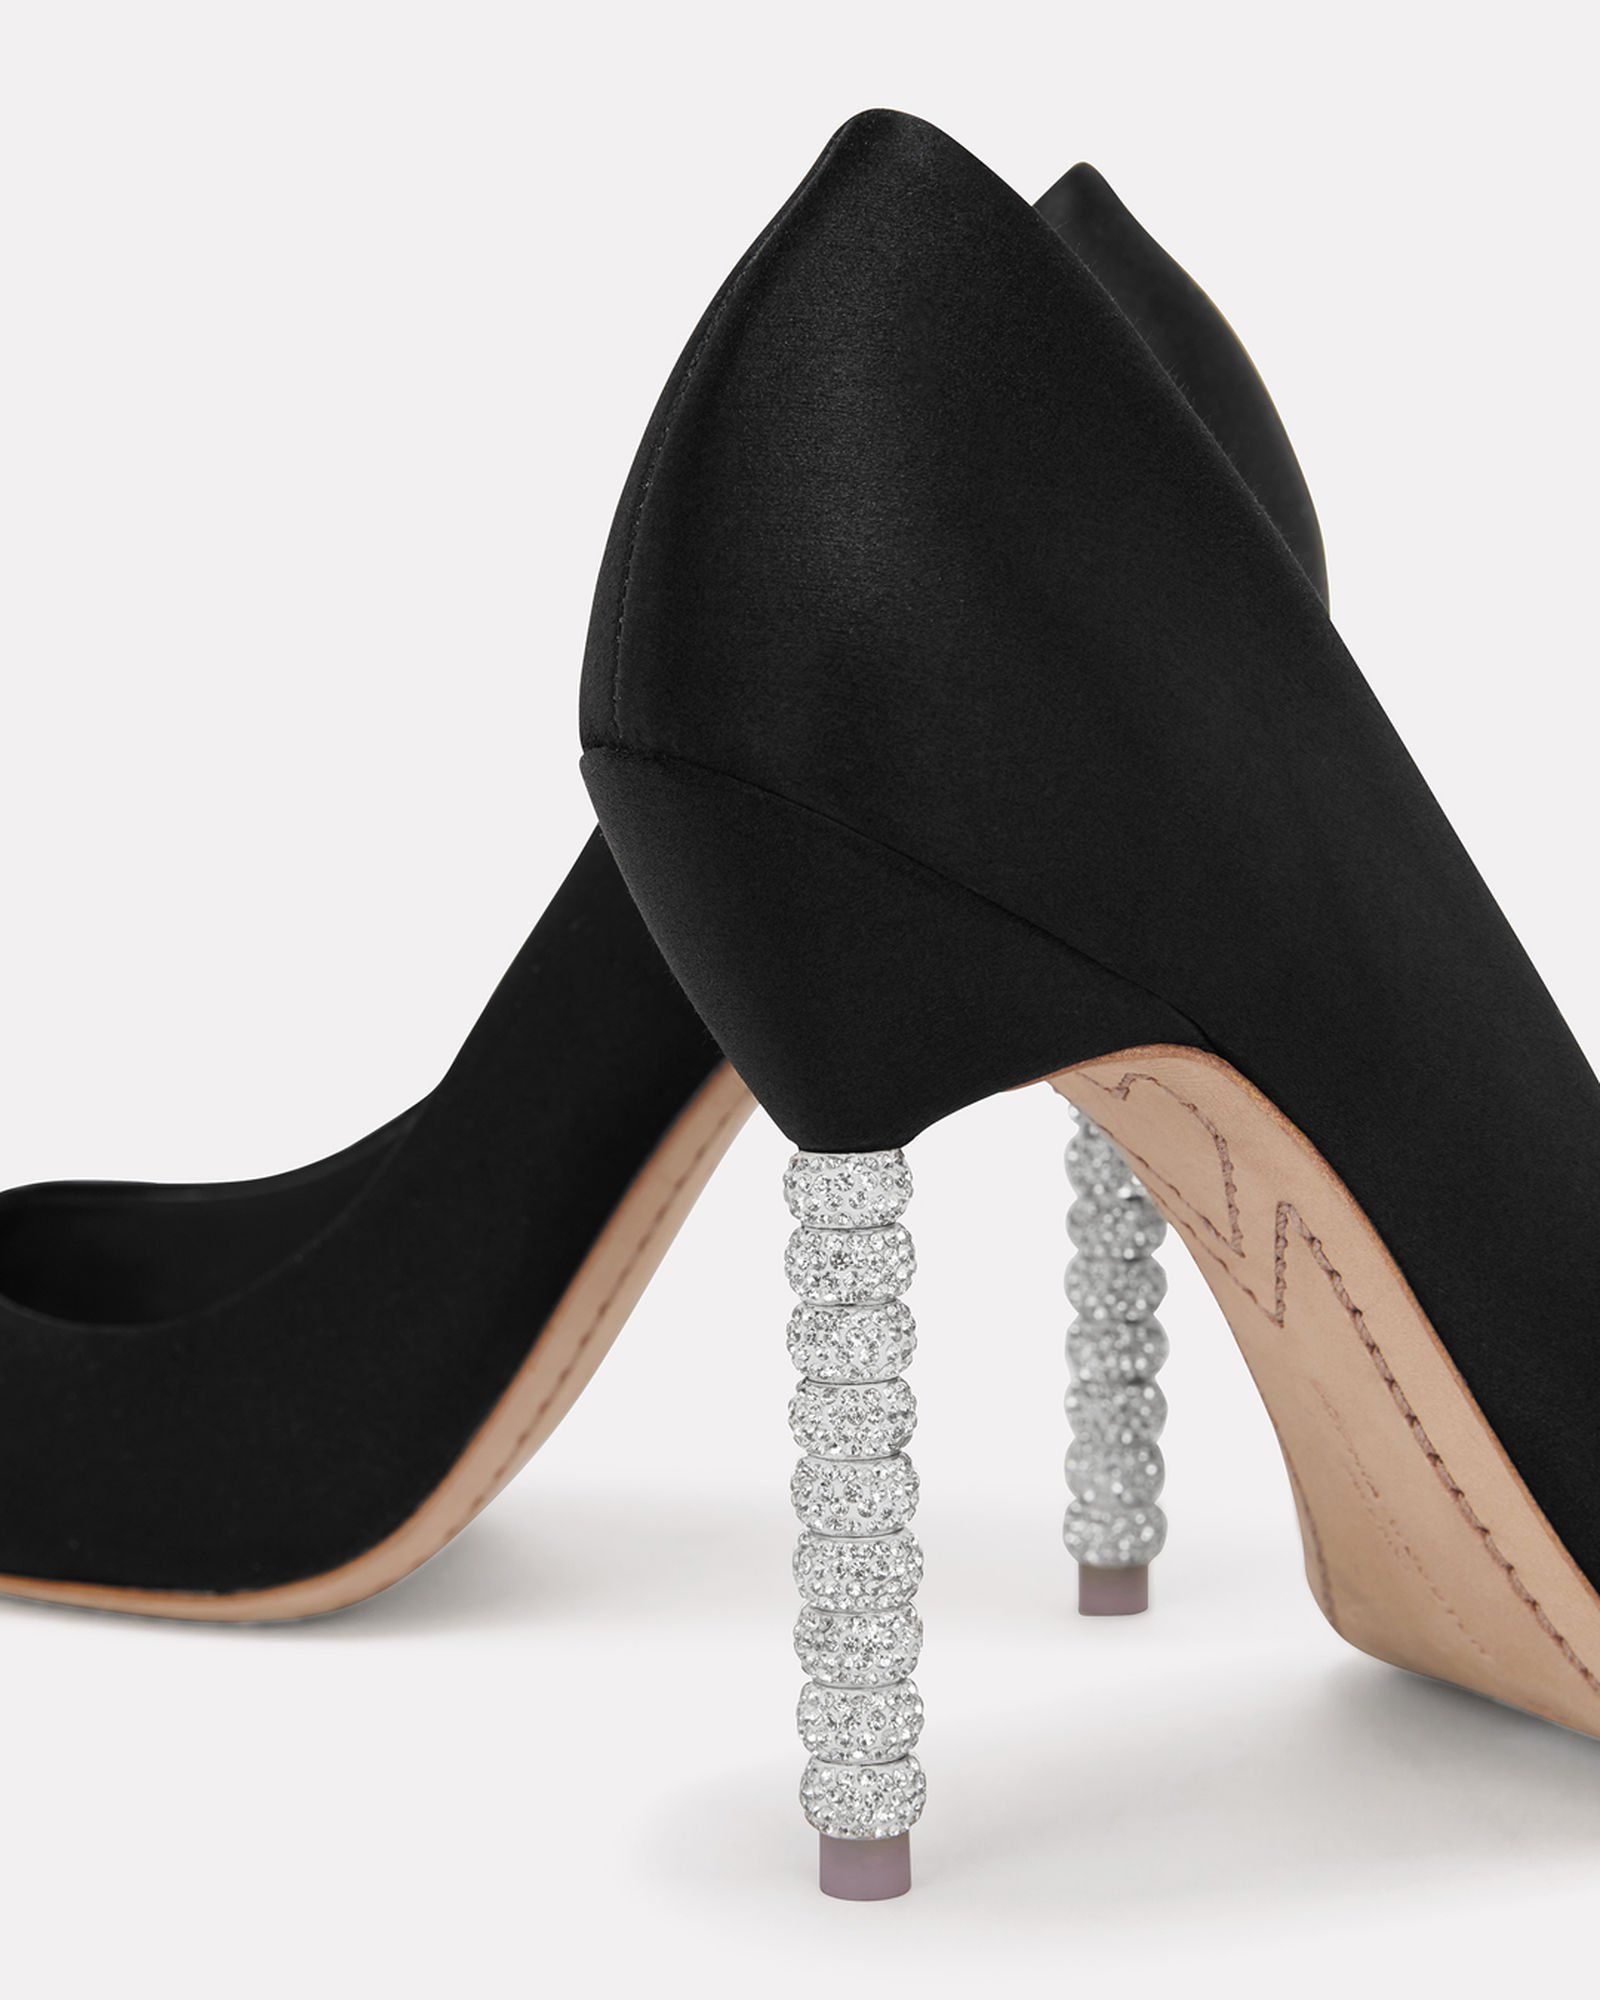 b571785f4b1 Coco Crystal Heel Pumps